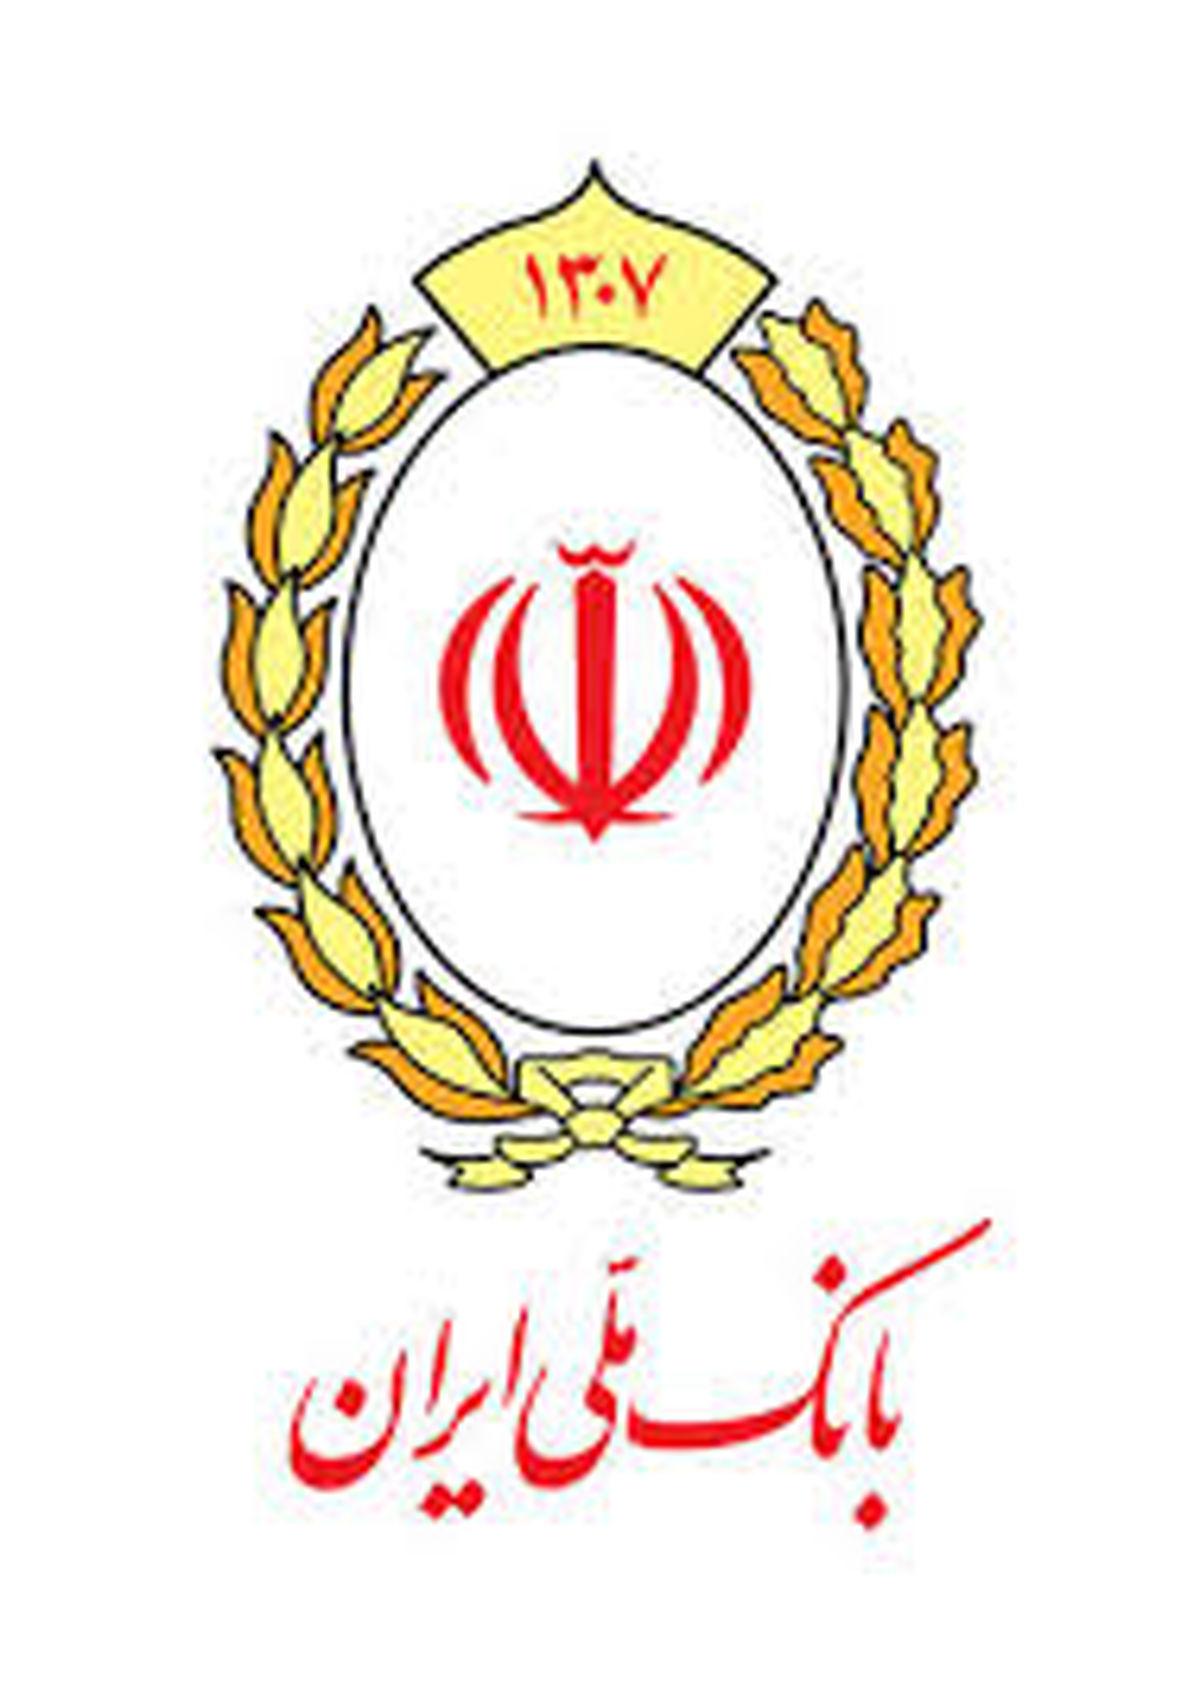 با خرید دین بانک ملی ایران در بازار کسب و کار ماندگار شوید